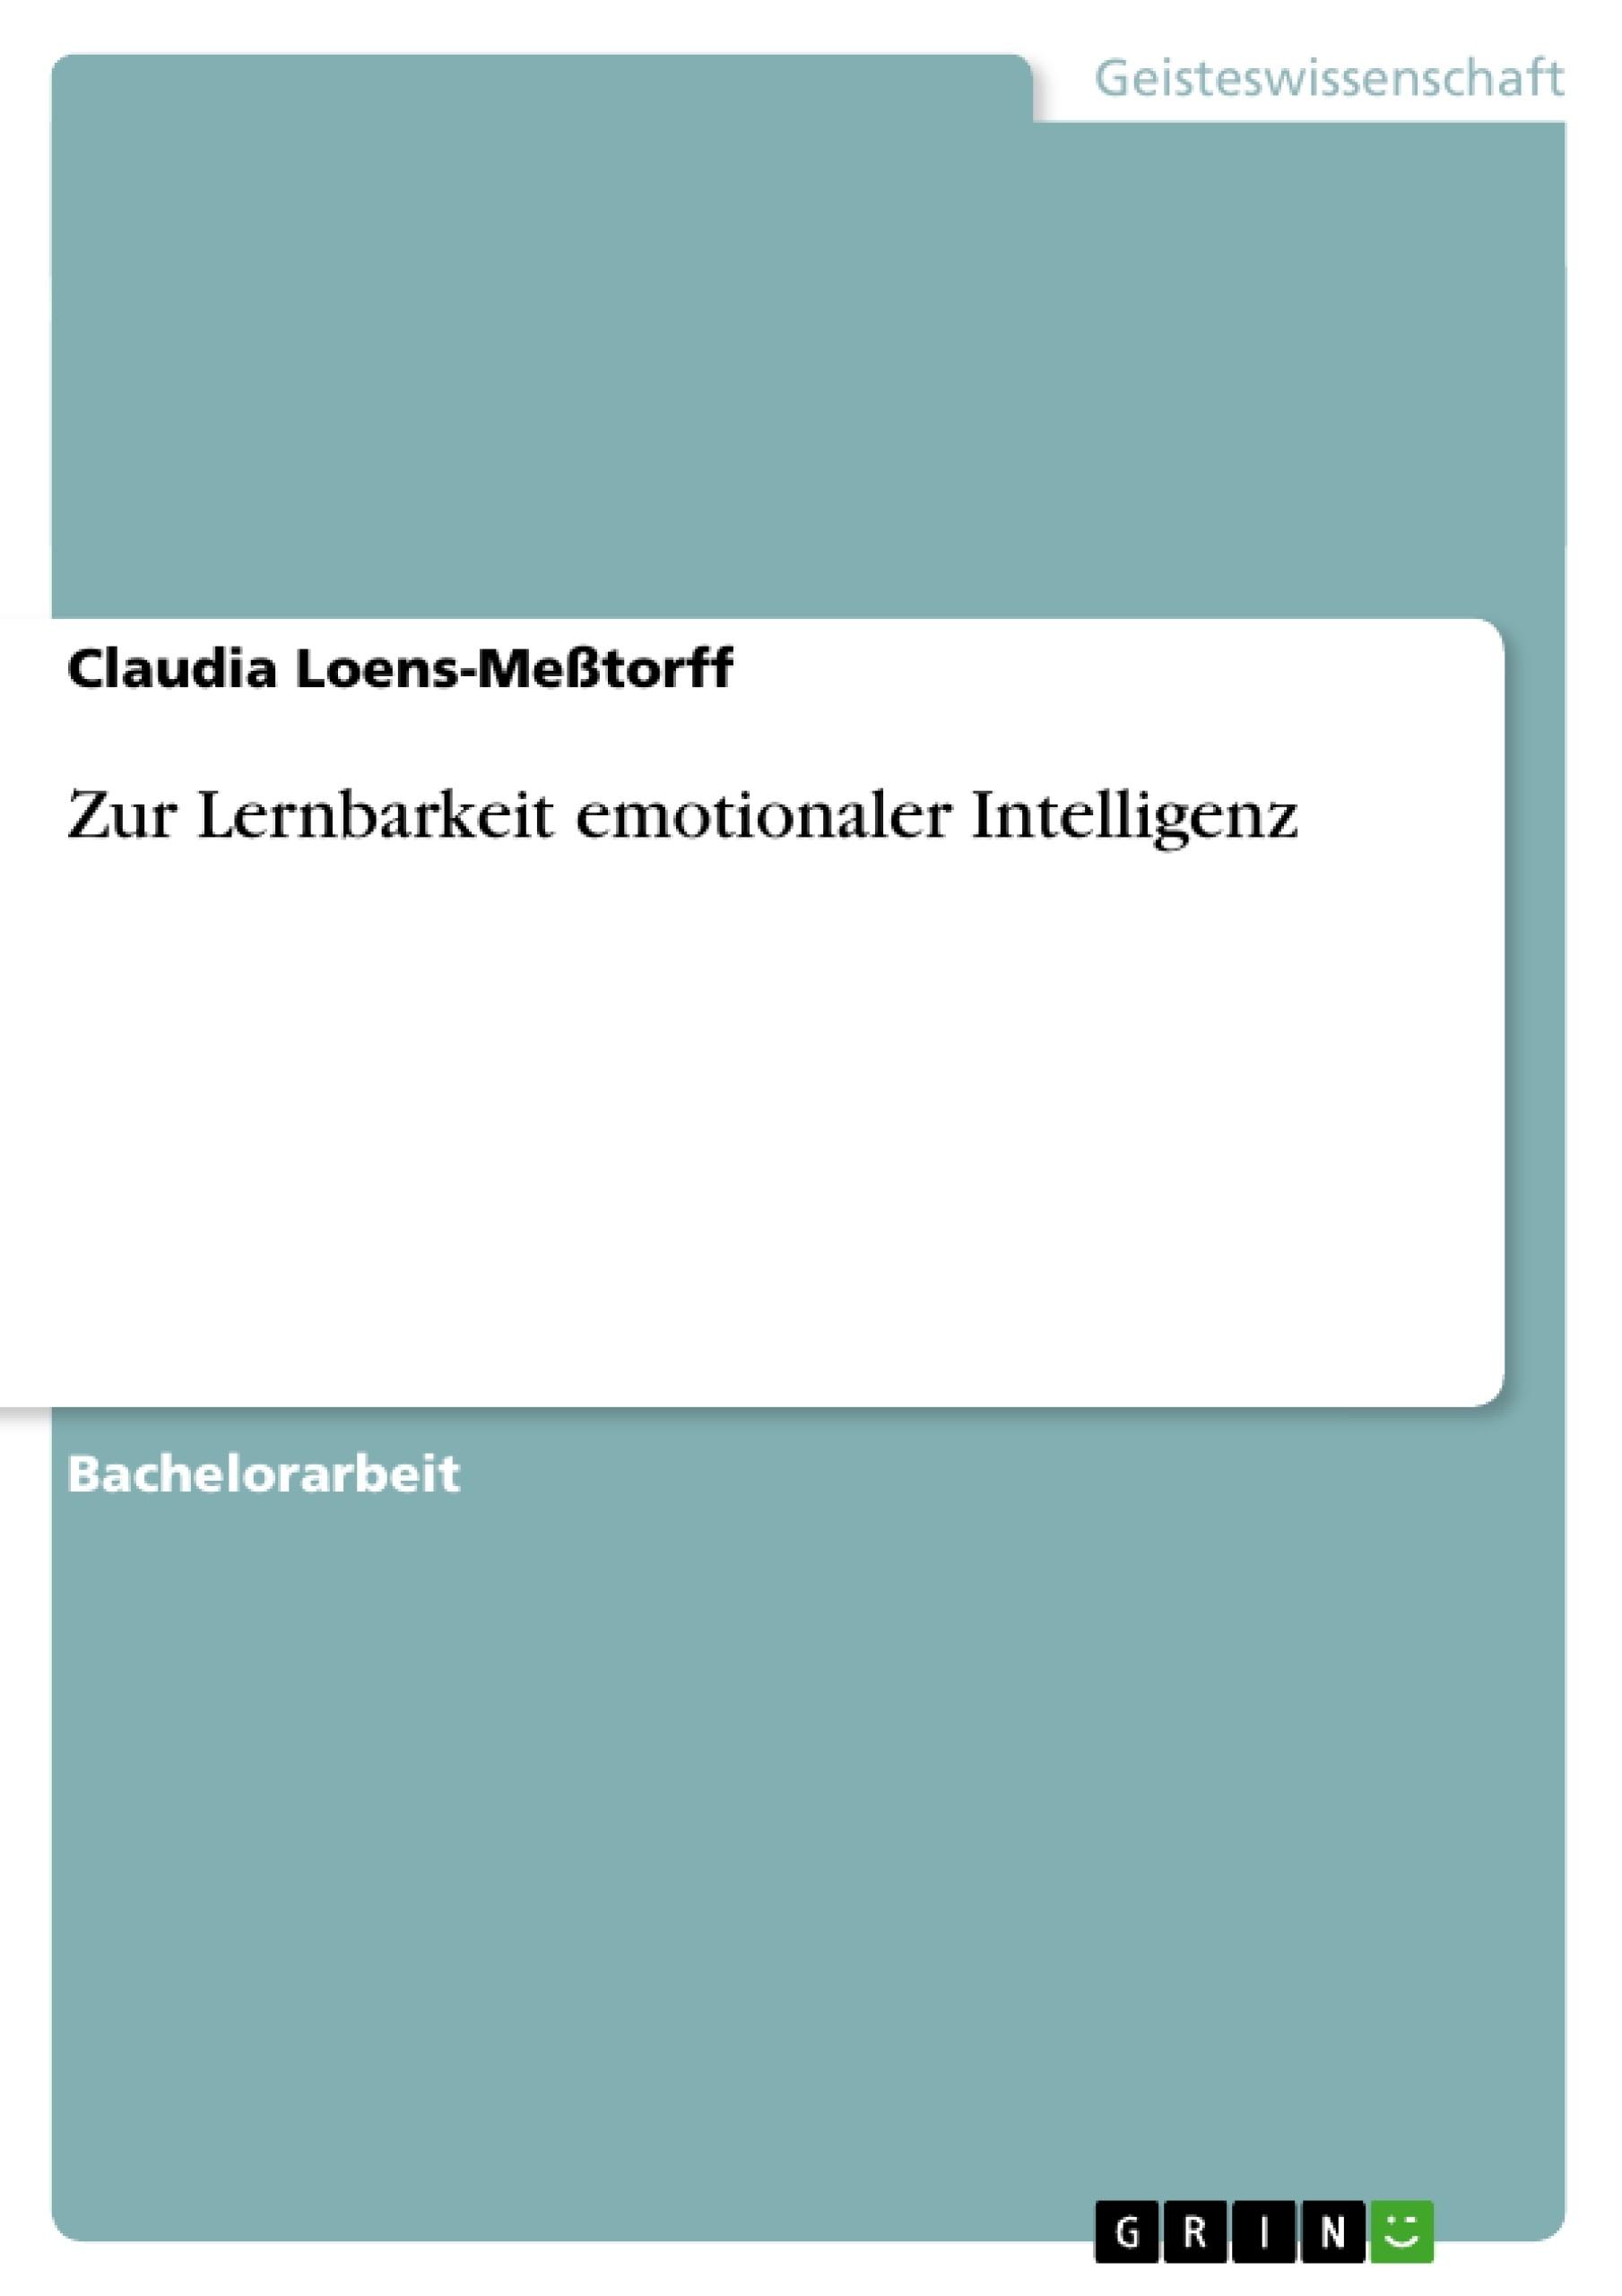 Titel: Zur Lernbarkeit emotionaler Intelligenz